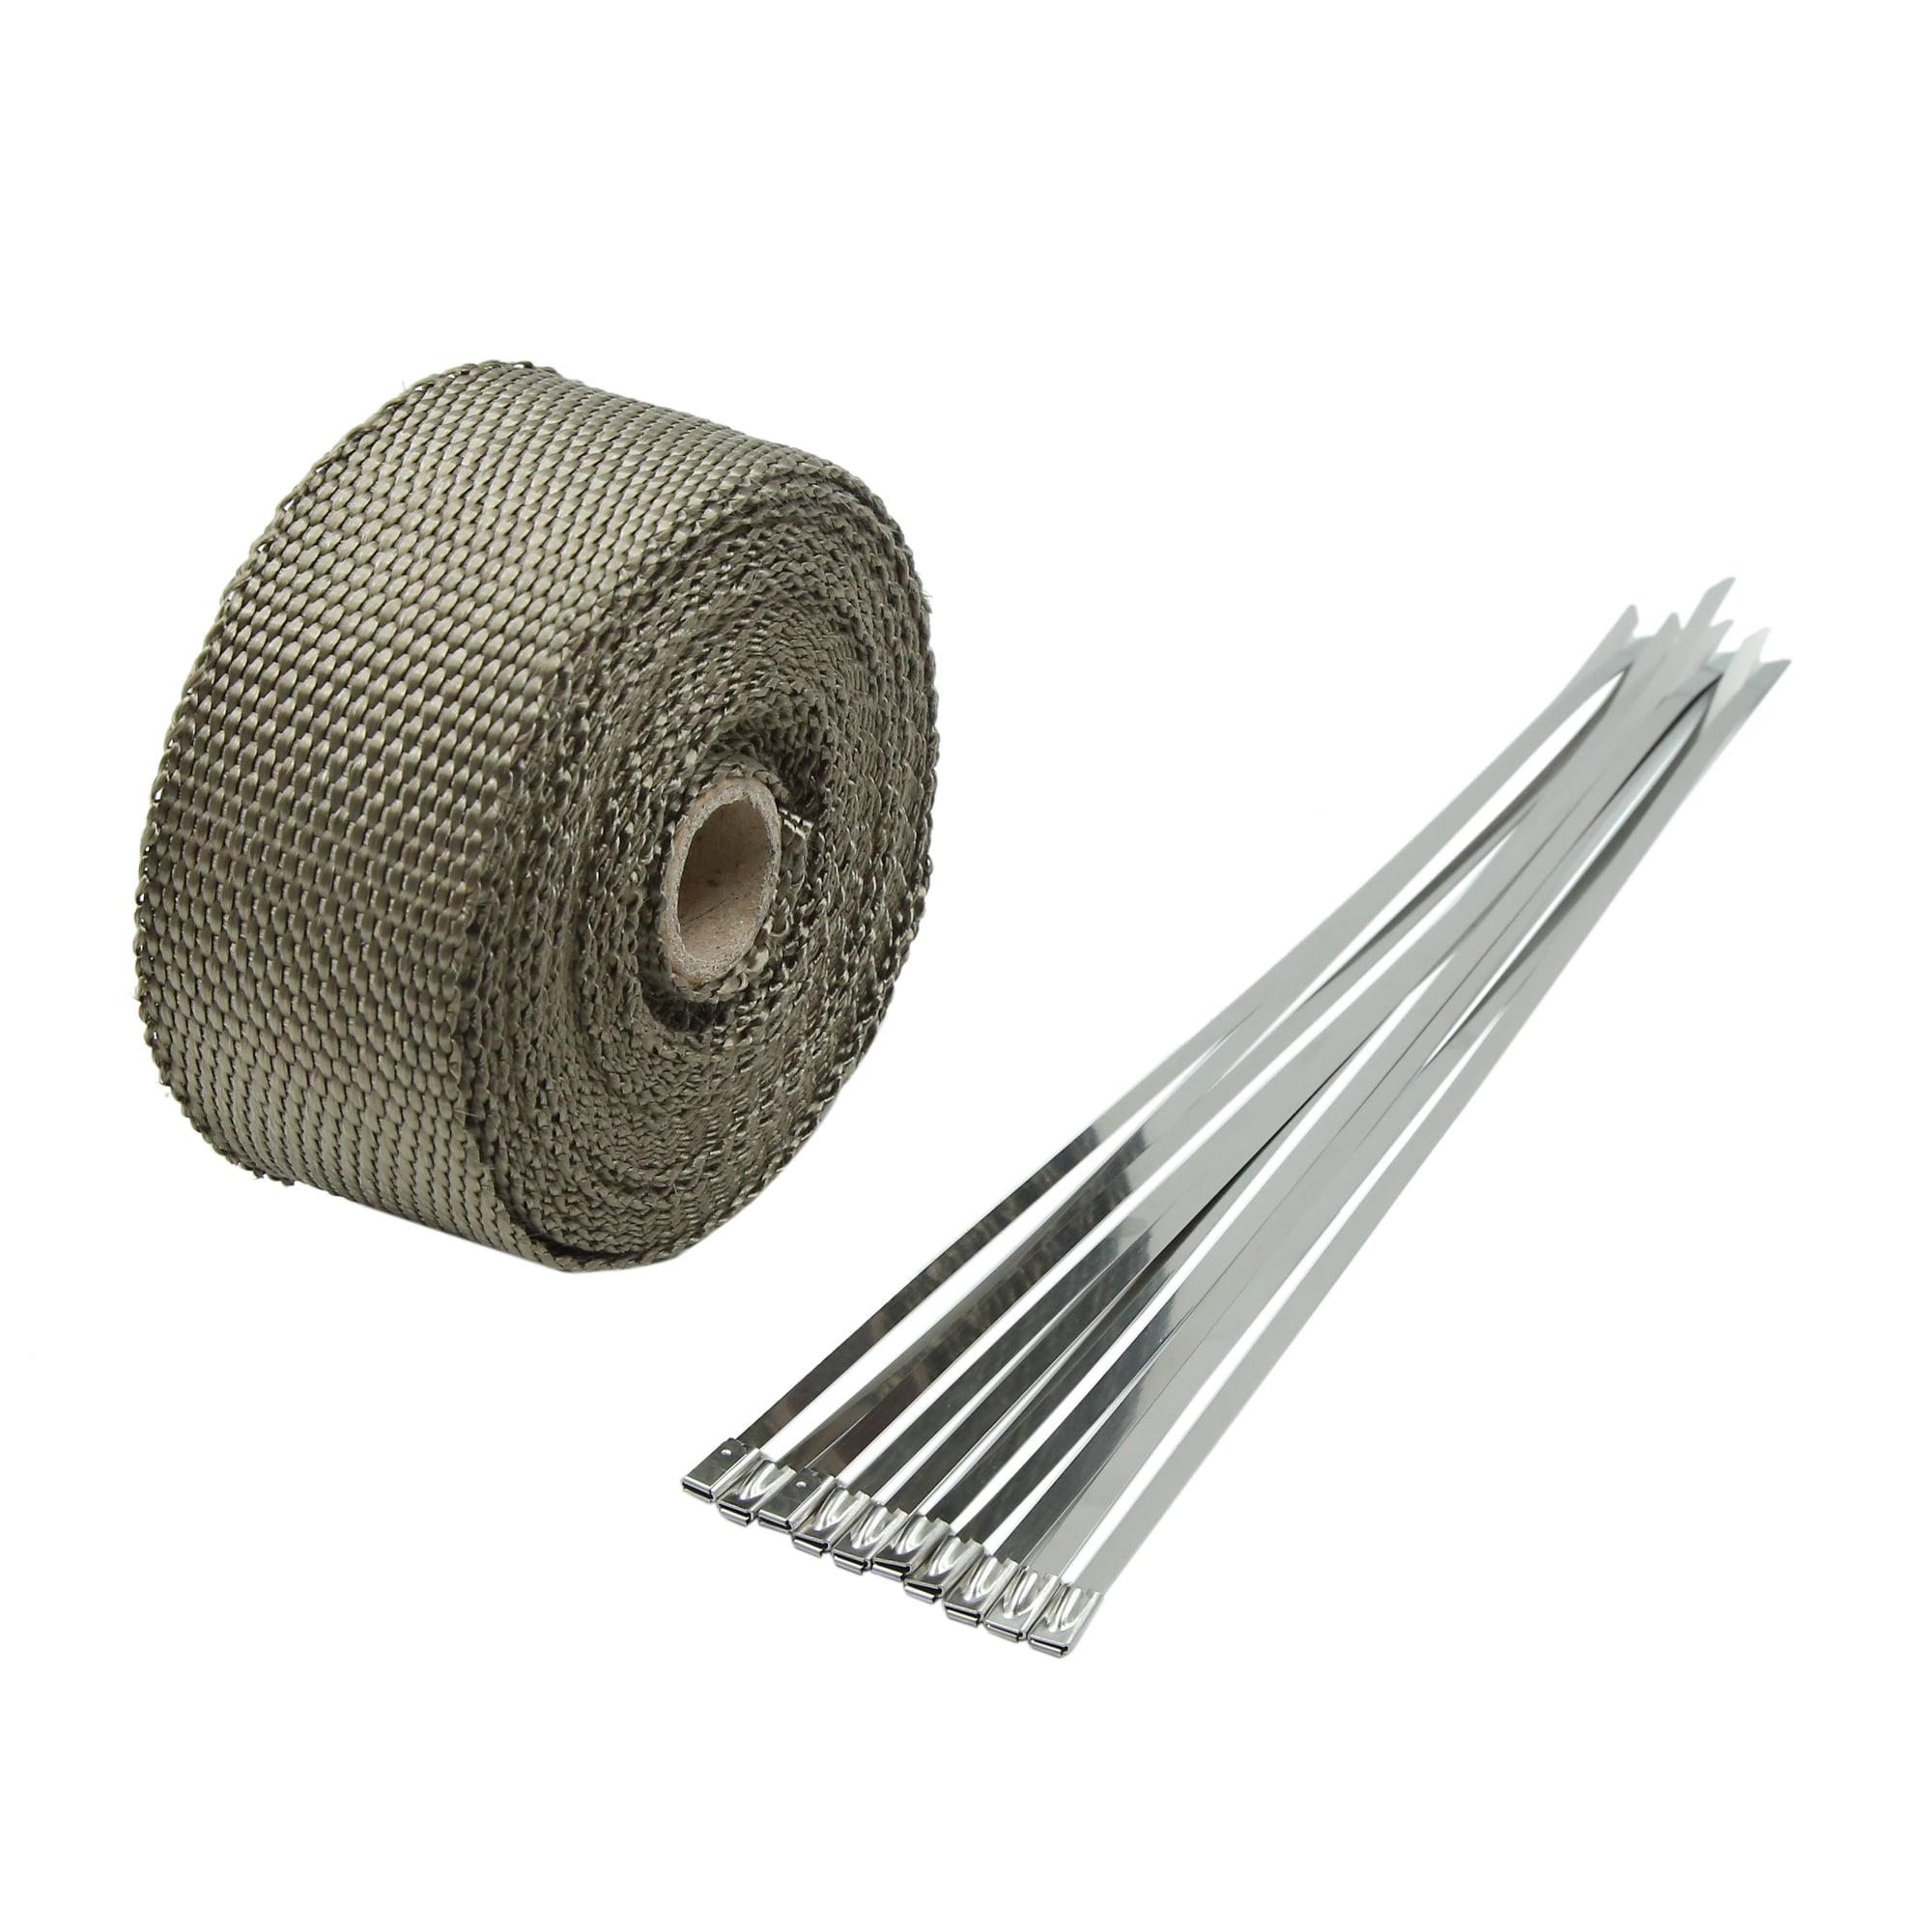 7.5M Titanium Fiber Exhaust Heat Insulating Wrap Sealing Tape for Car - image 5 of 5